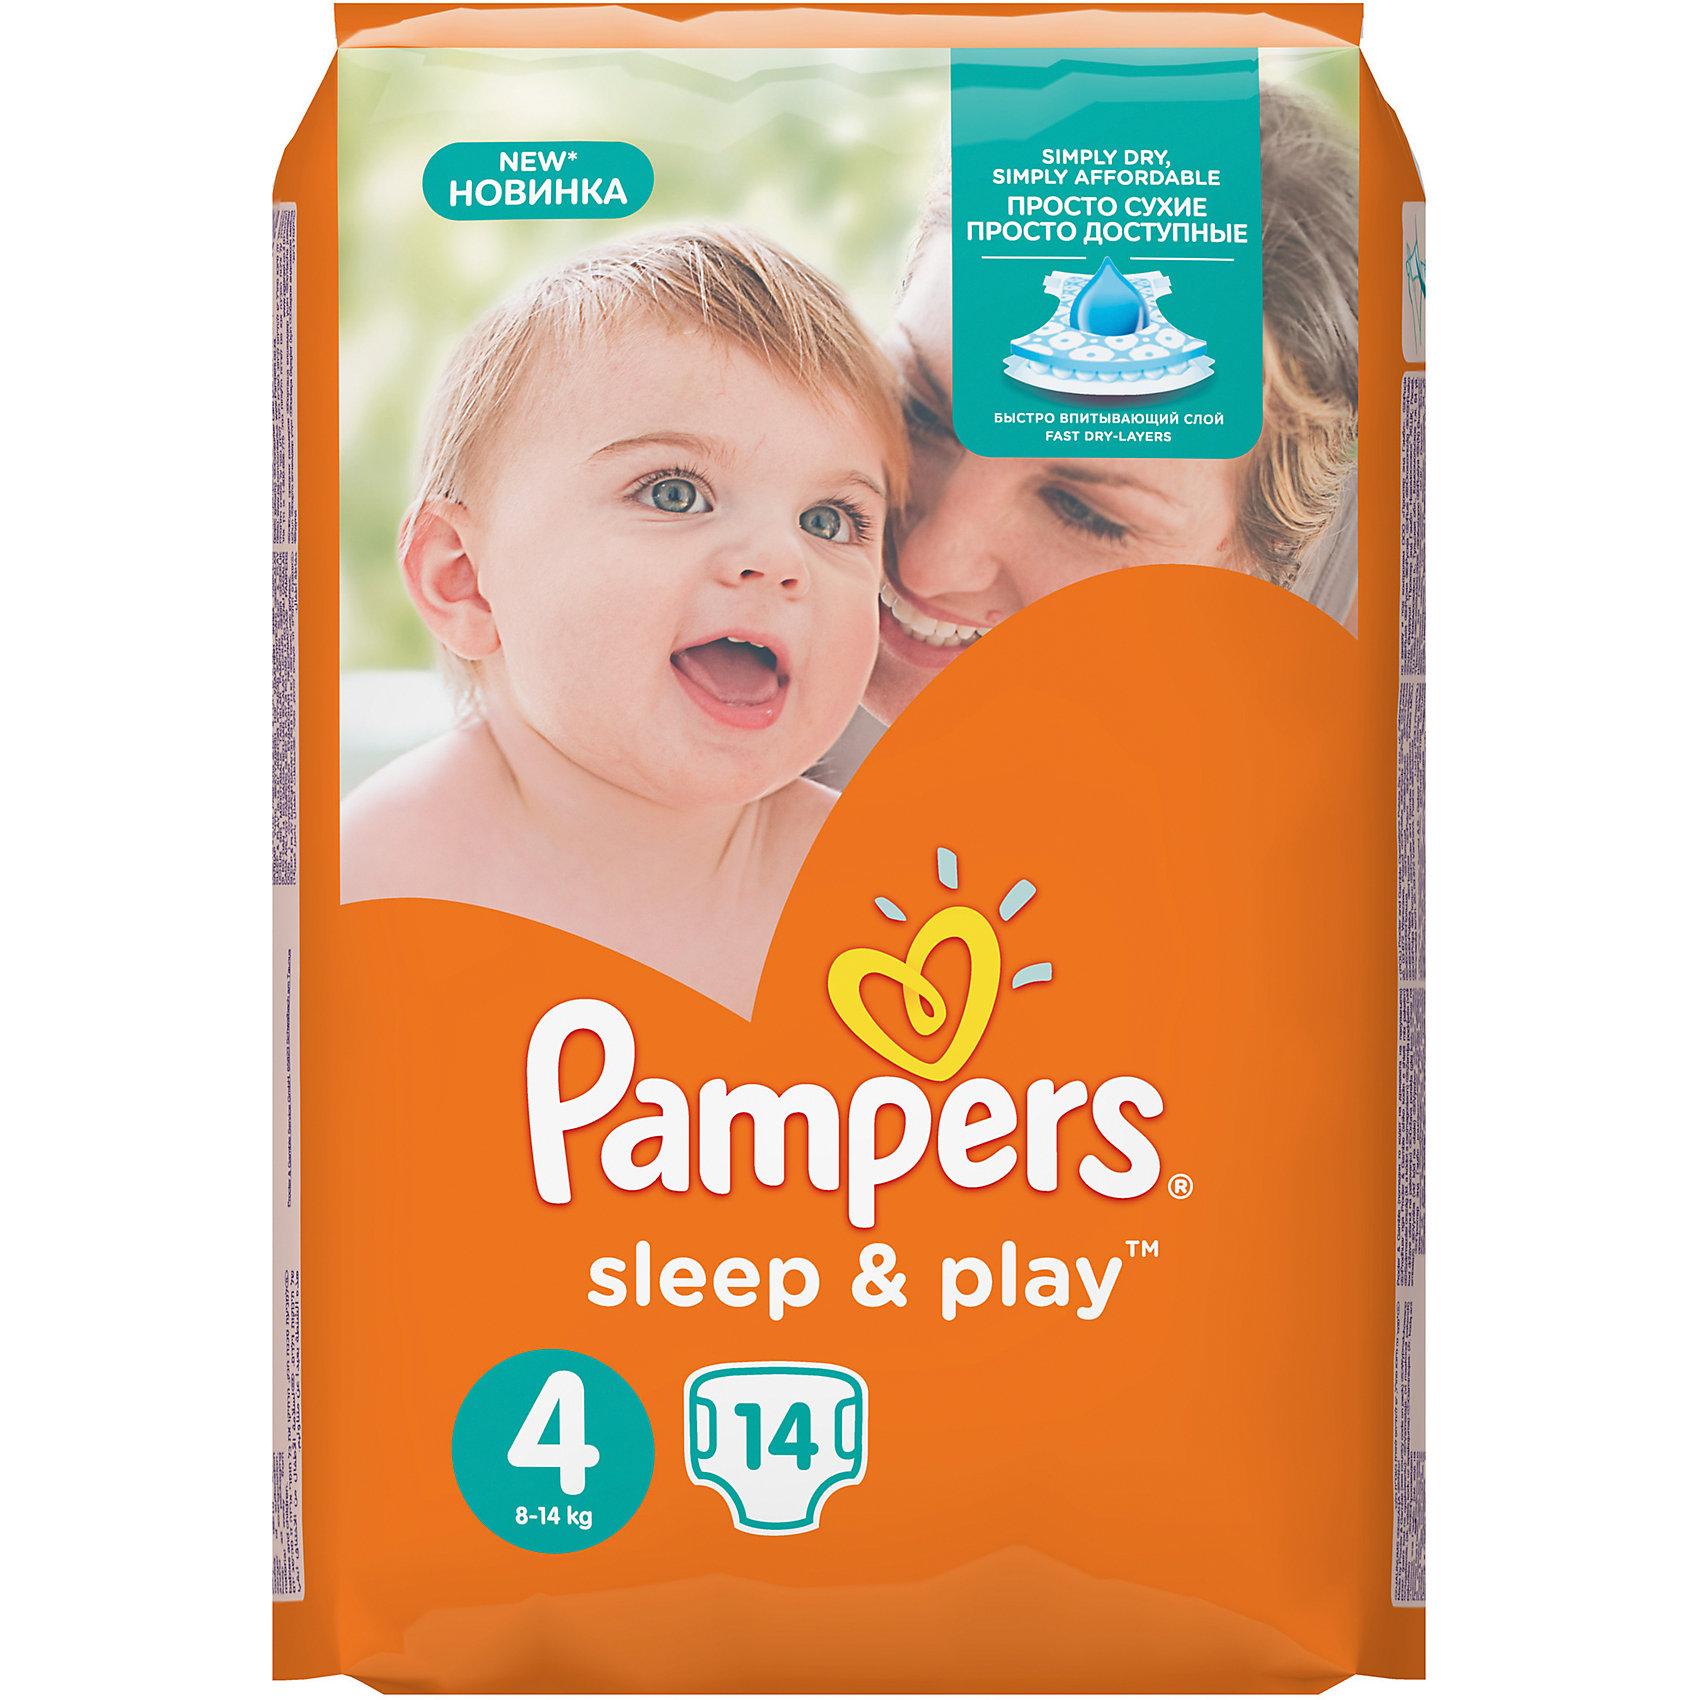 Подгузники Pampers Sleep &amp; Play Maxi, 8-14 кг., 14 шт.Подгузники более 12 кг.<br>Подгузники Pampers Sleep &amp; Play Maxi (Памперс слип энд плей), 8-14 кг., 14 шт.     <br><br>Характеристики:<br><br>• быстро впитывают и распределяют влагу<br>• эластичные боковинки<br>• манжеты, предотвращающие протекание<br>• застежки-липучки можно регулировать<br>• яркий дизайн<br>• размер: 8-14 кг<br>• количество: 14 шт.<br>• размер упаковки: 19,8х11,6х13,6 см<br>• вес: 326 грамм<br><br>Подгузники Pampers Sleep &amp; Play Maxi быстро впитывают влагу и надежно удерживают ее внутри. Эластичные боковинки и манжеты не вызывают раздражения и защищают подгузник от протеканий. Регулируемые застежки-липучки очень удобны в использовании. Вы сможете с легкостью застегнуть подгузник повторно в случае необходимости. С подгузниками Pampers Sleep &amp; Play ваш малыш с комфортом будет играть и развиваться!<br><br>Подгузники Pampers Sleep &amp; Play Maxi (Памперс слип энд плей), 8-14 кг., 14 шт. можно купить в нашем интернет-магазине.<br><br>Ширина мм: 136<br>Глубина мм: 116<br>Высота мм: 198<br>Вес г: 326<br>Возраст от месяцев: 6<br>Возраст до месяцев: 36<br>Пол: Унисекс<br>Возраст: Детский<br>SKU: 5422933